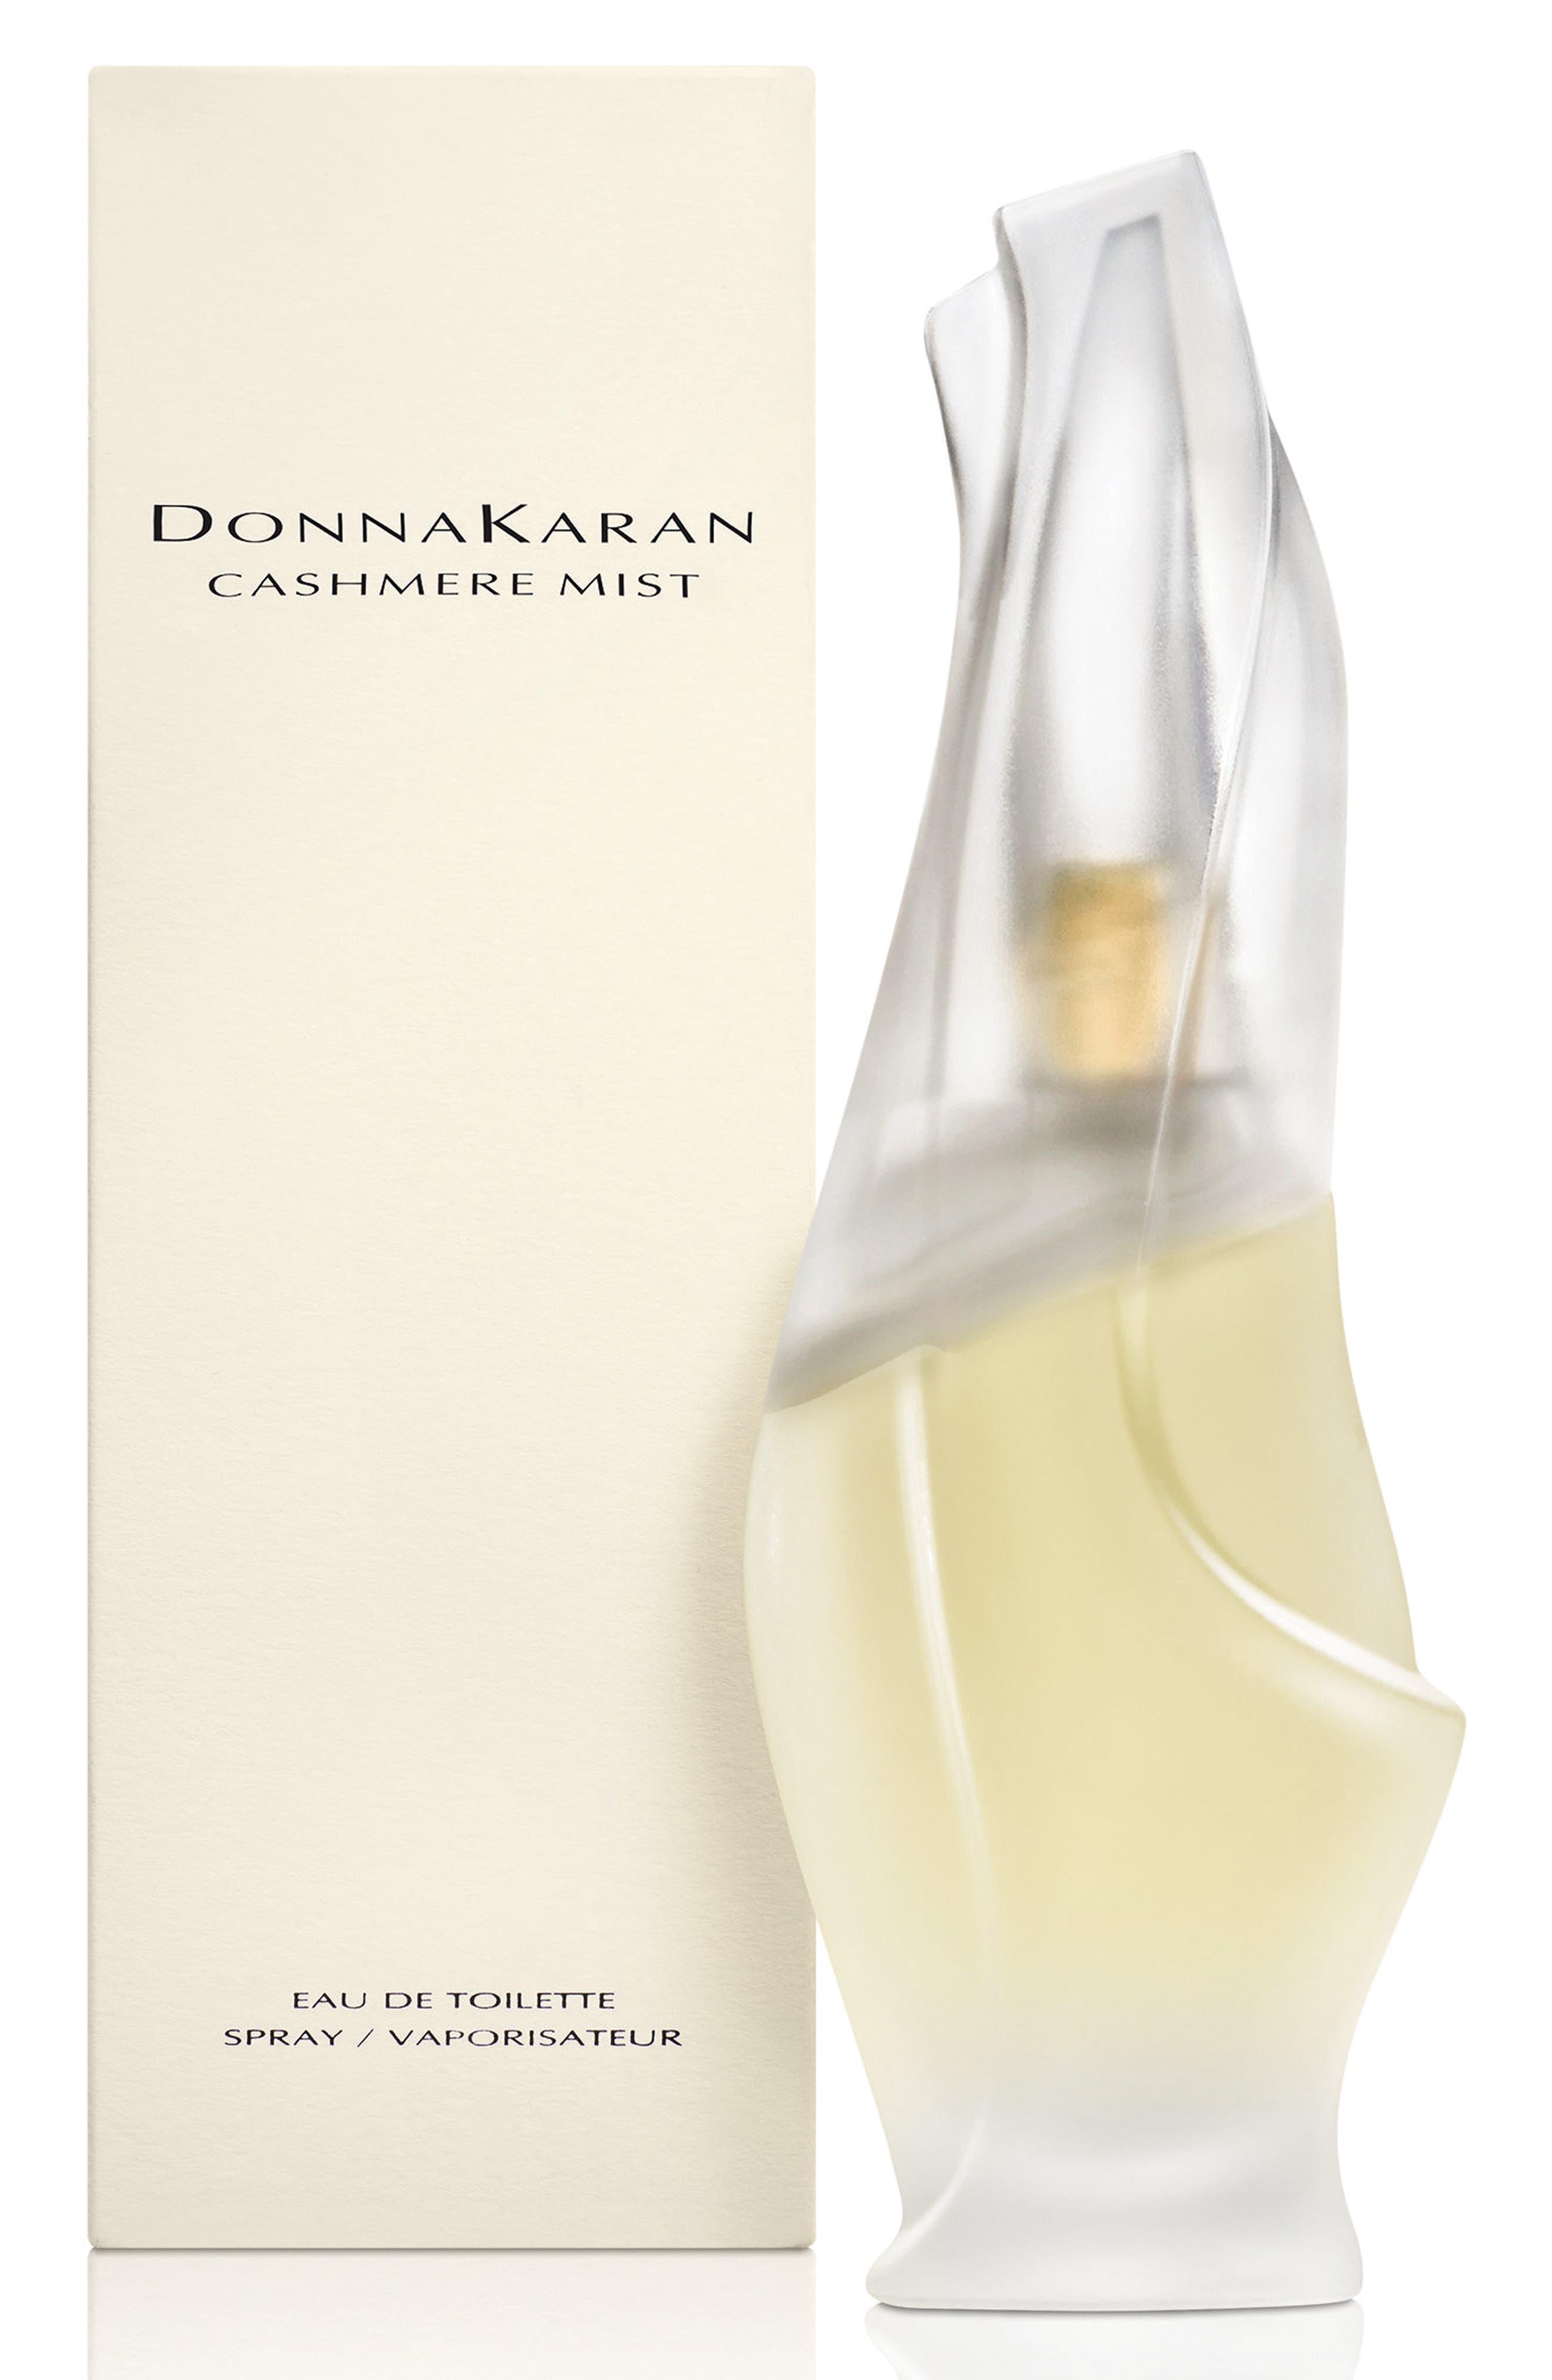 Donna Karan 'Cashmere Mist' Eau de Toilette Spray,                             Alternate thumbnail 2, color,                             No Color